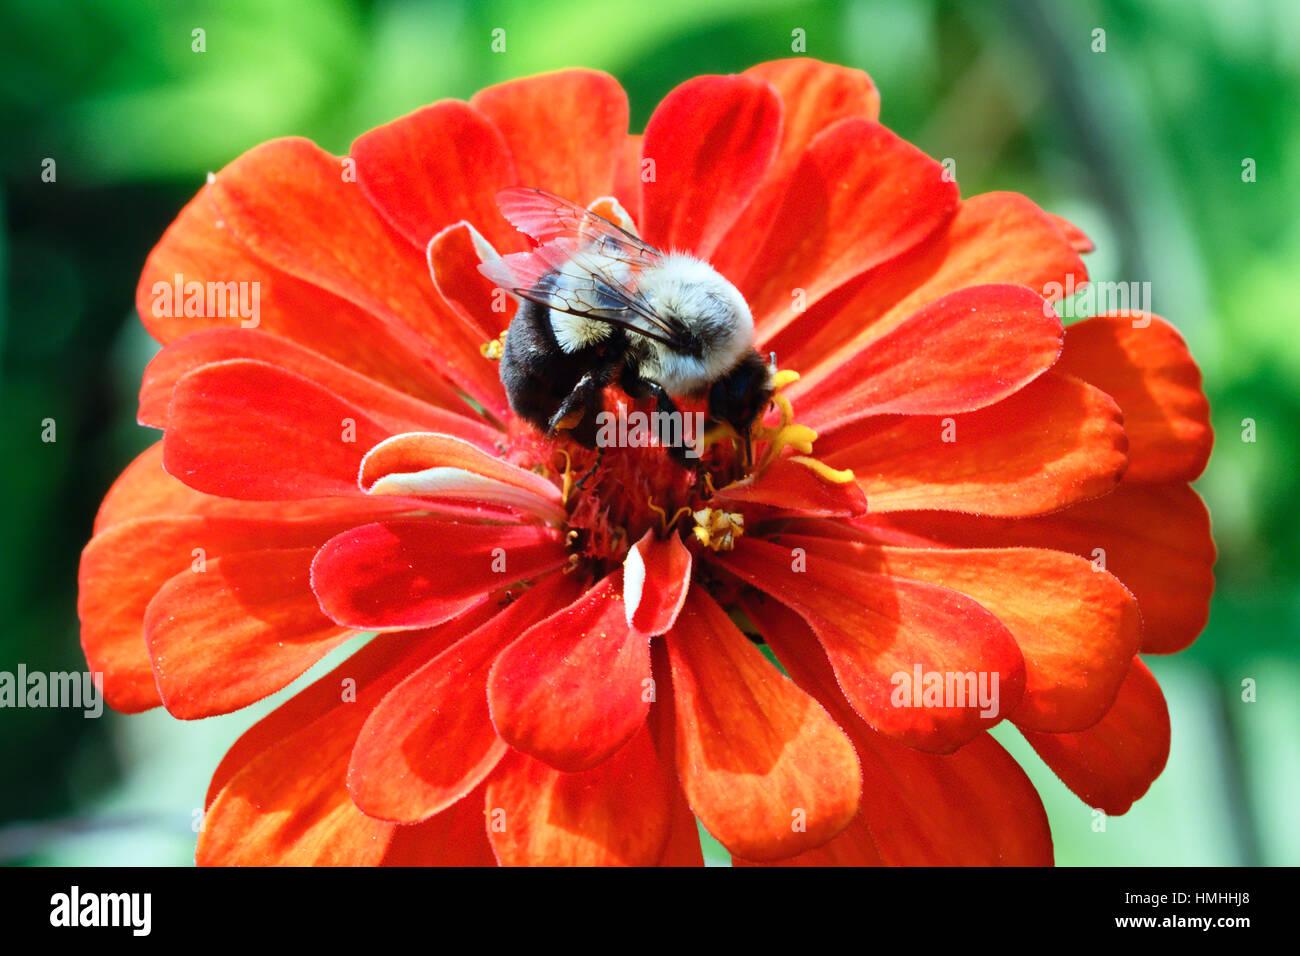 Nahaufnahme der eine Biene Pollenating eine rote Zinnia Blume Stockbild